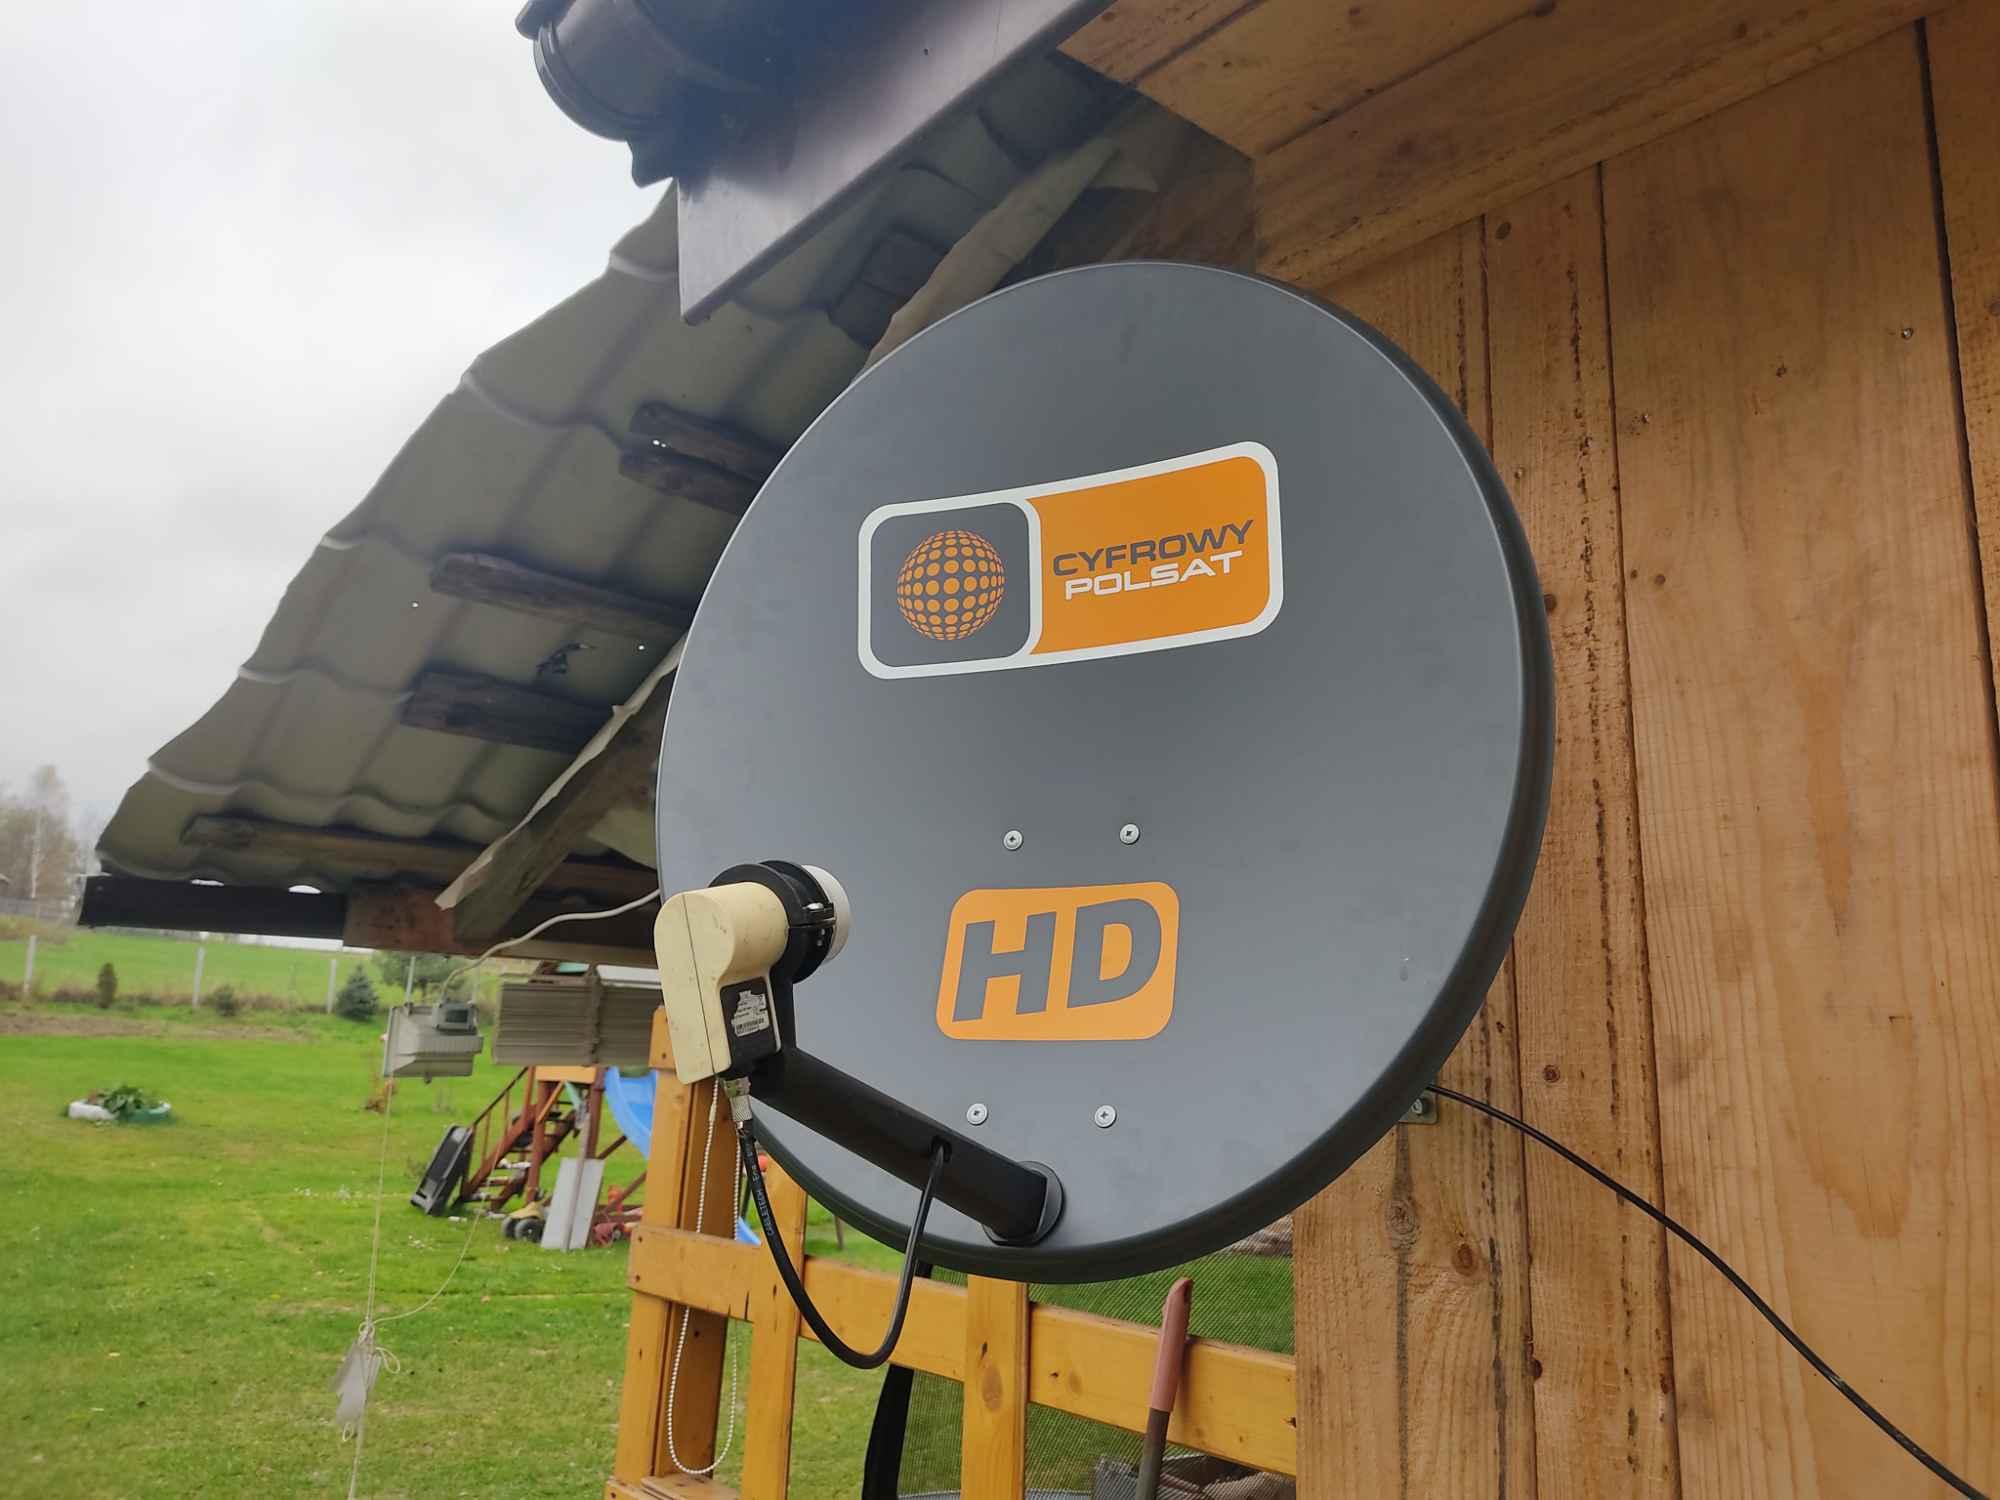 NAPRAWA SERWIS REGULACJA MONTAŻ ANTEN SATELITARNYCH DVB-T 24h Proszowice - zdjęcie 2